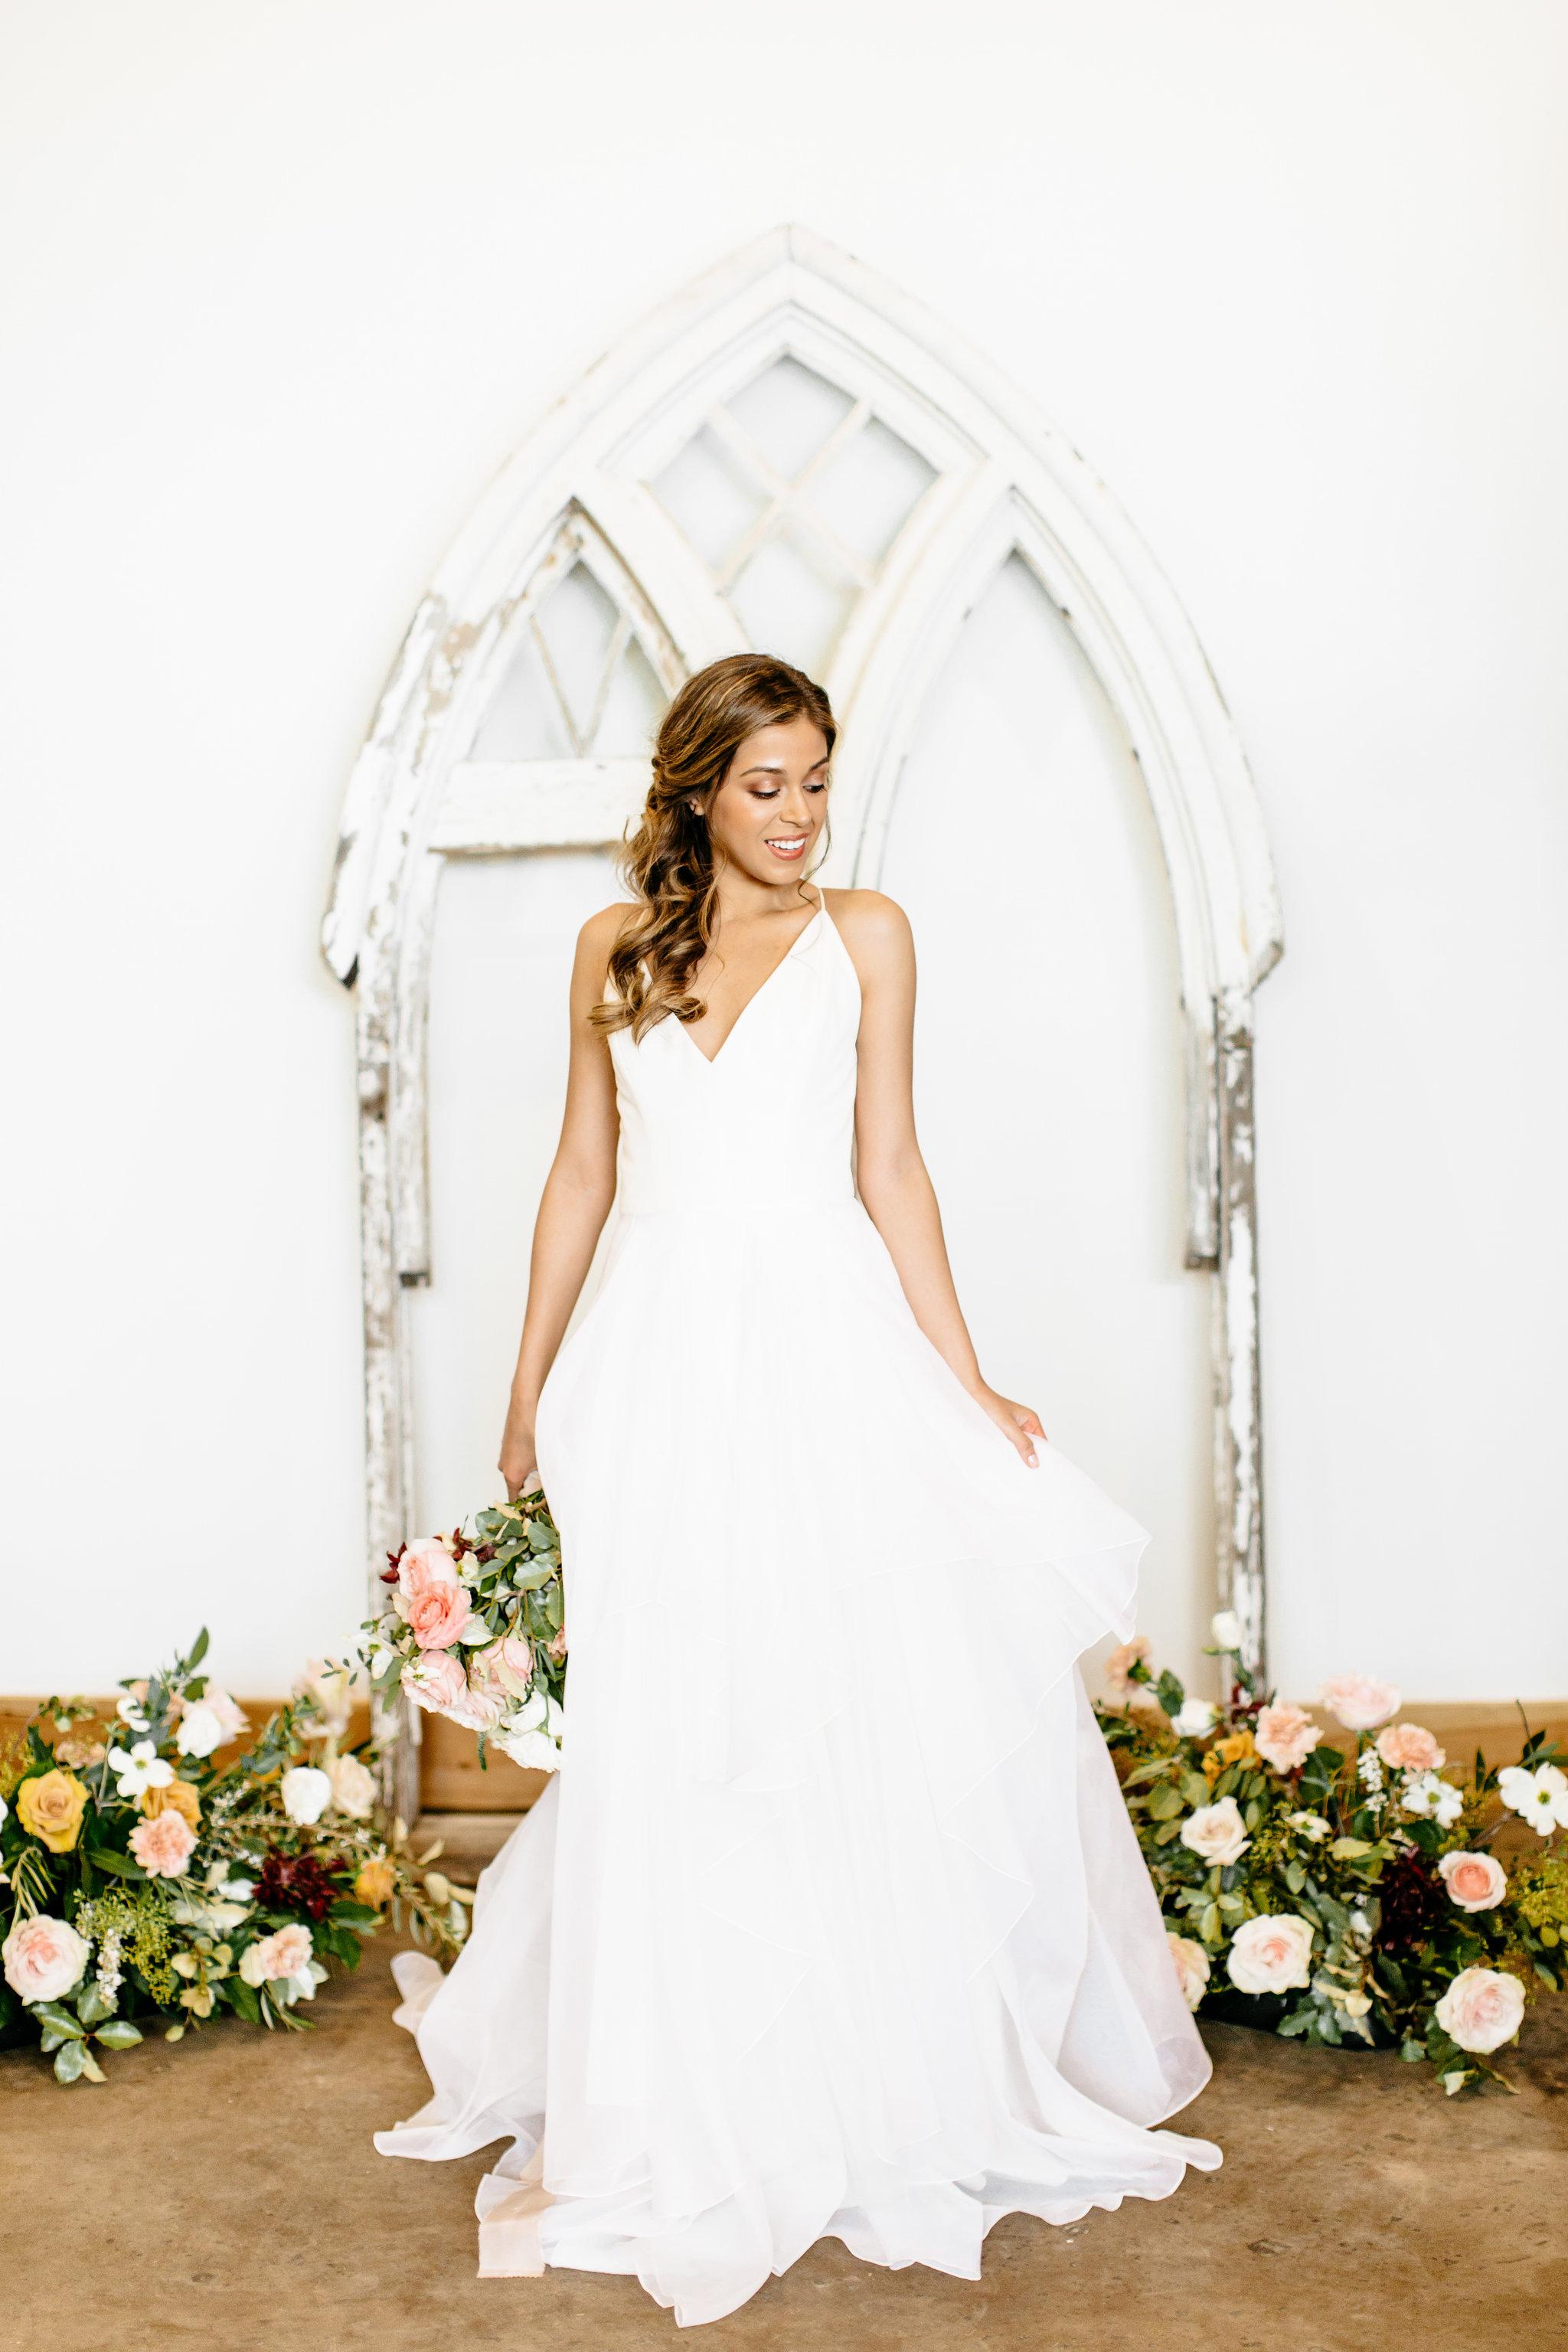 Alexa-Vossler-Photo_Dallas-Wedding-Photographer_Photoshoot-at-the-Station-McKinney_Empower-Event-53.jpg